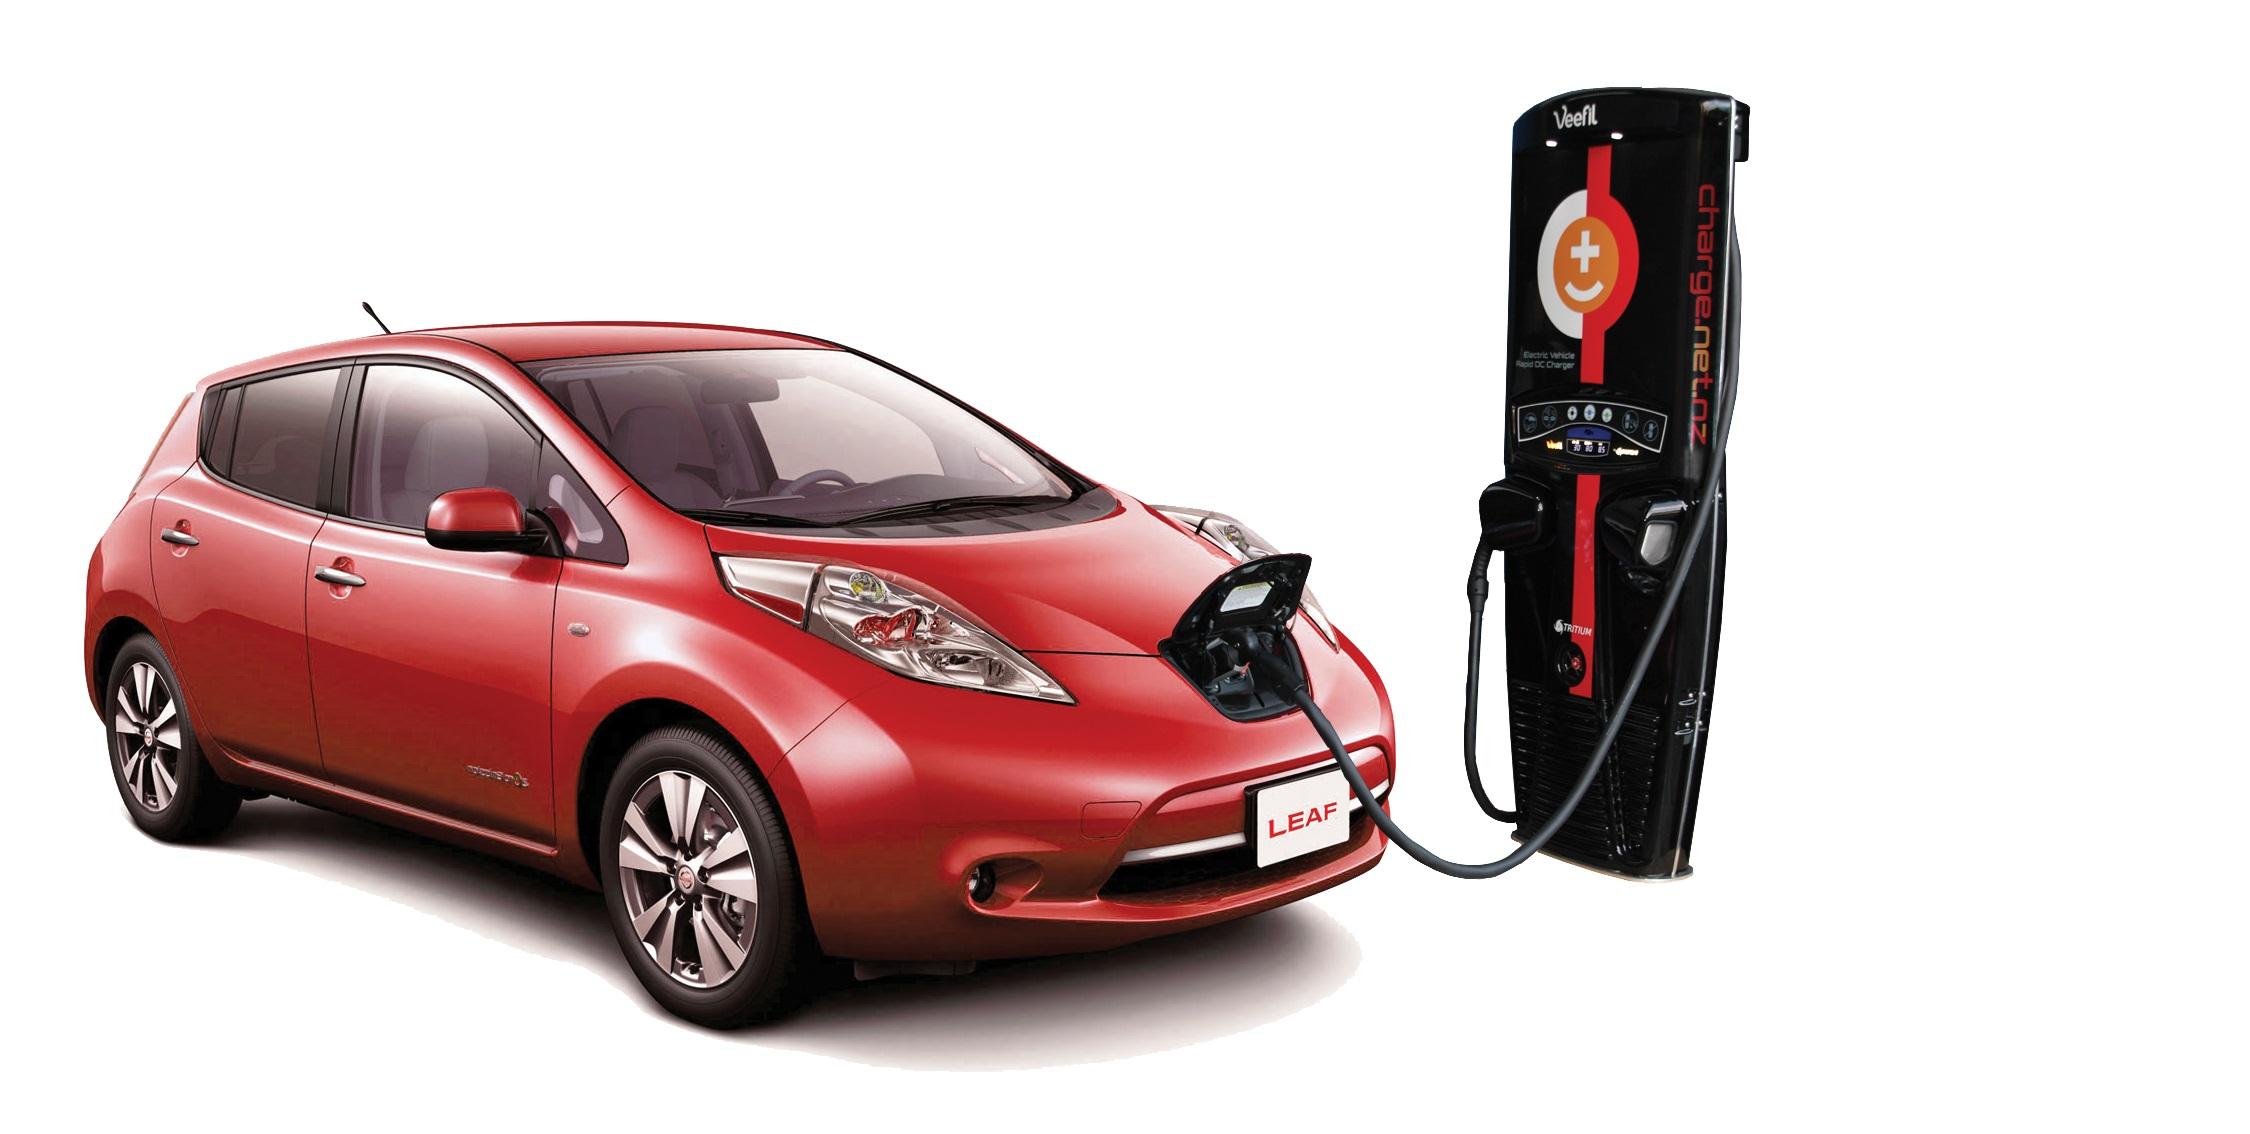 nissan-leaf-recharging